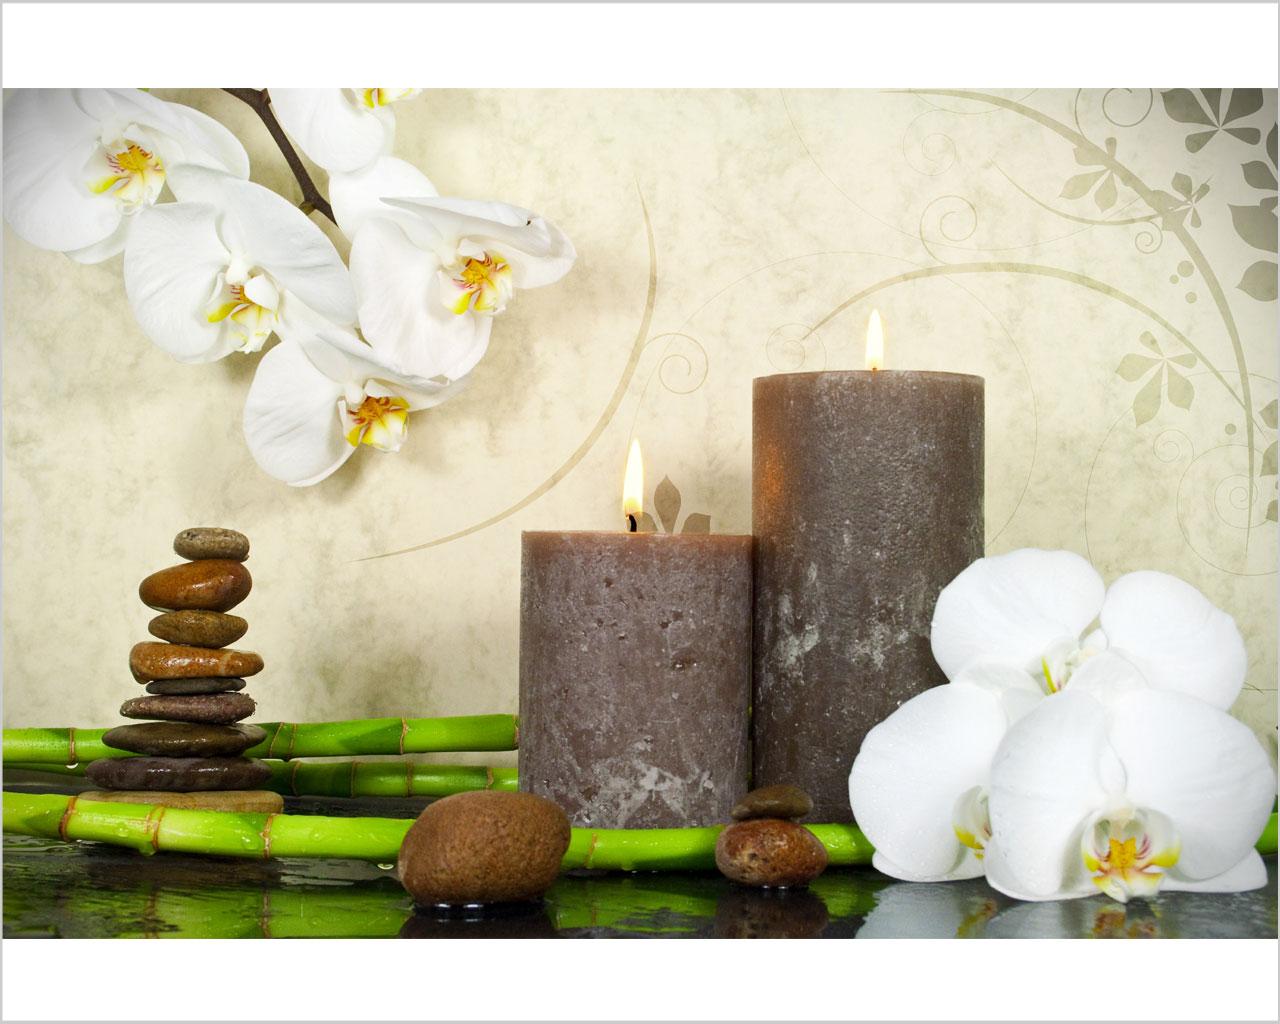 Fiori e candele benessere stampa su tela interni for Quadri moderni orchidee